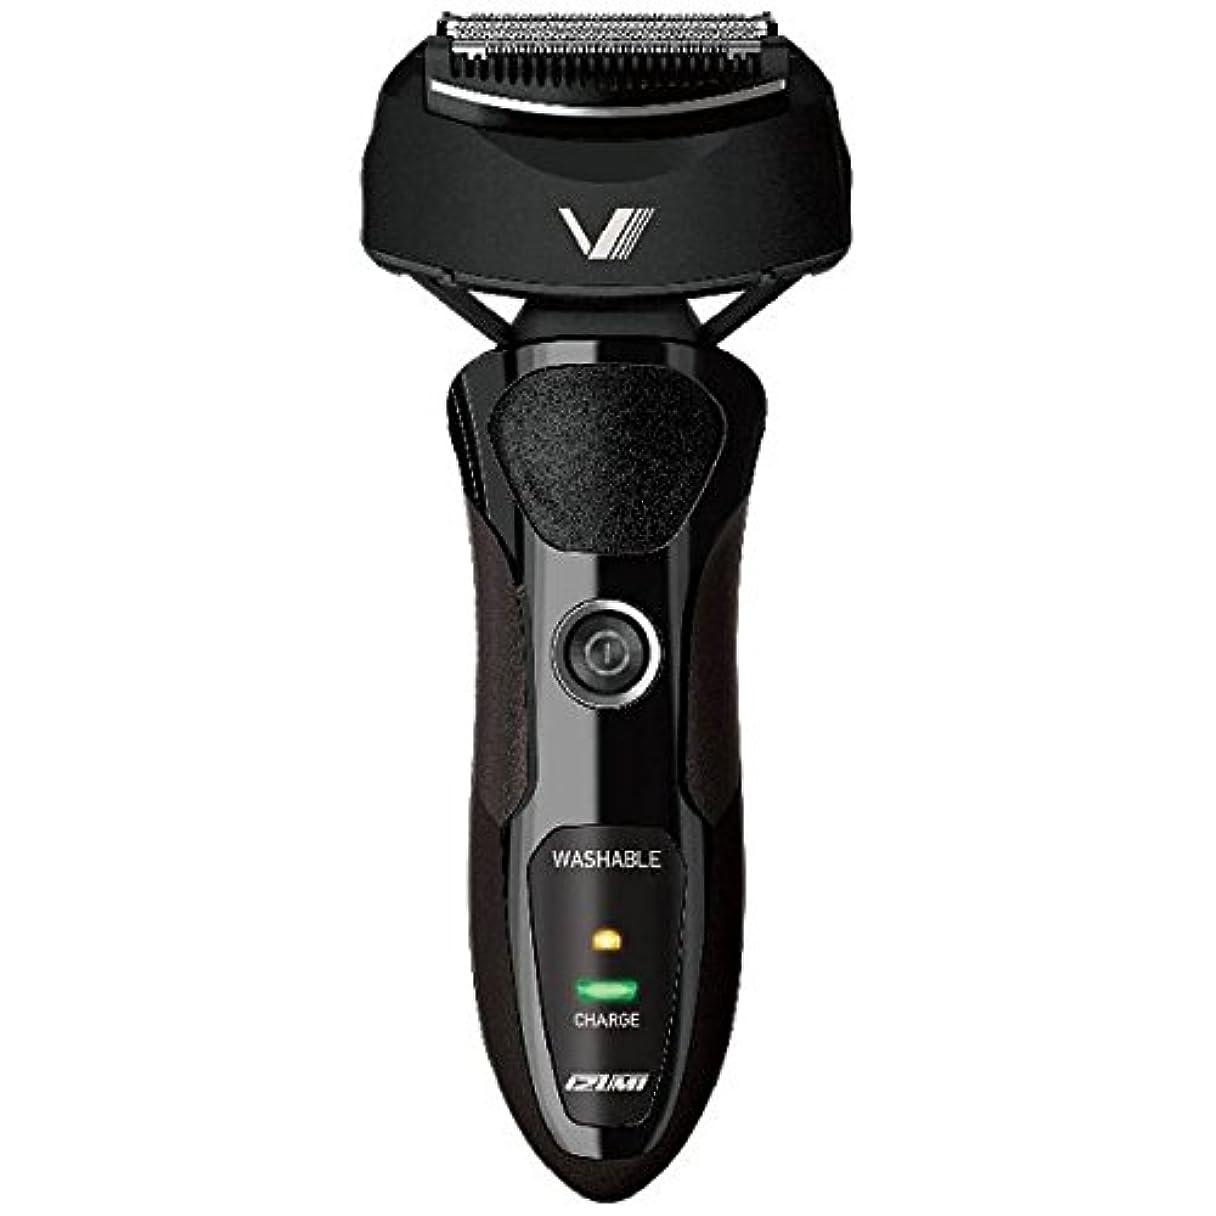 伝統アレルギー性すきIZUMI VIDAN 往復式シェーバー 深剃りシリーズ 3枚刃 ブラック IZF-V36-K